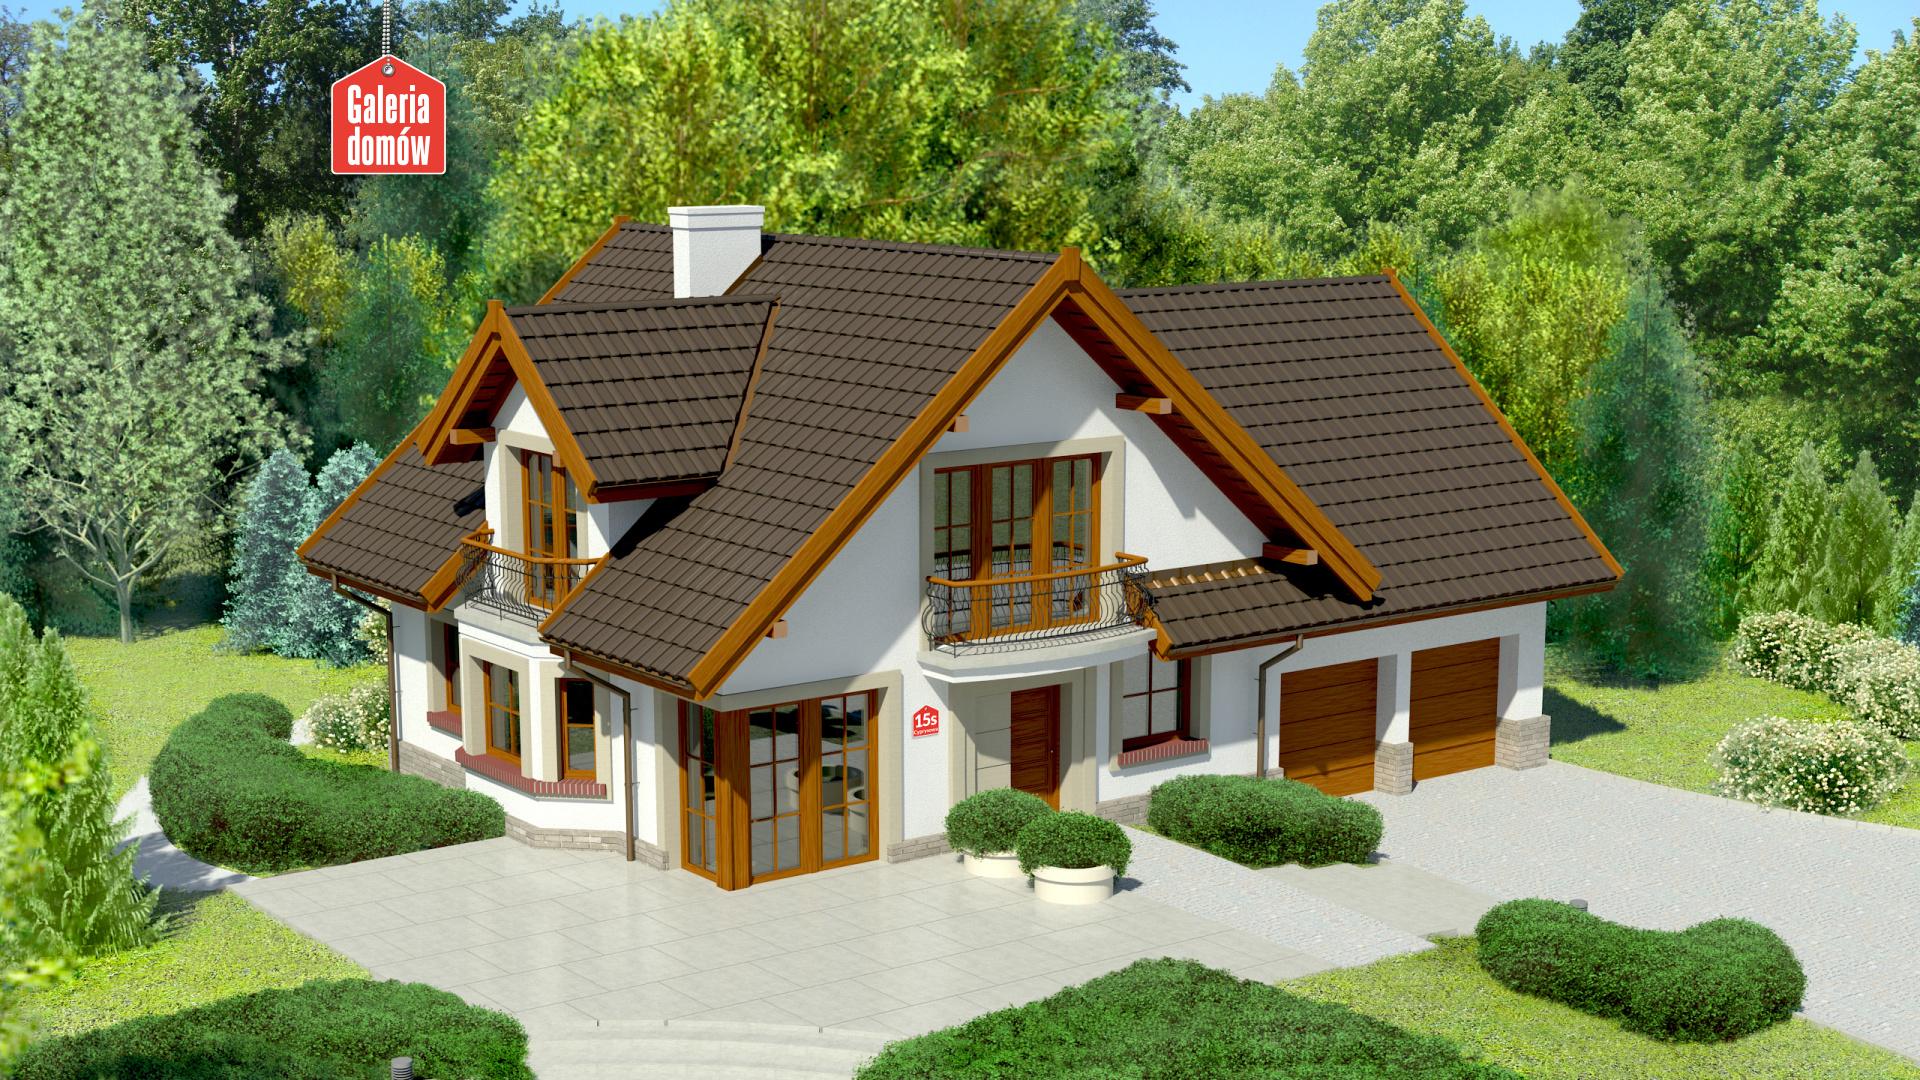 Dom przy Cyprysowej 15 S1 - zdjęcie projektu i wizualizacja